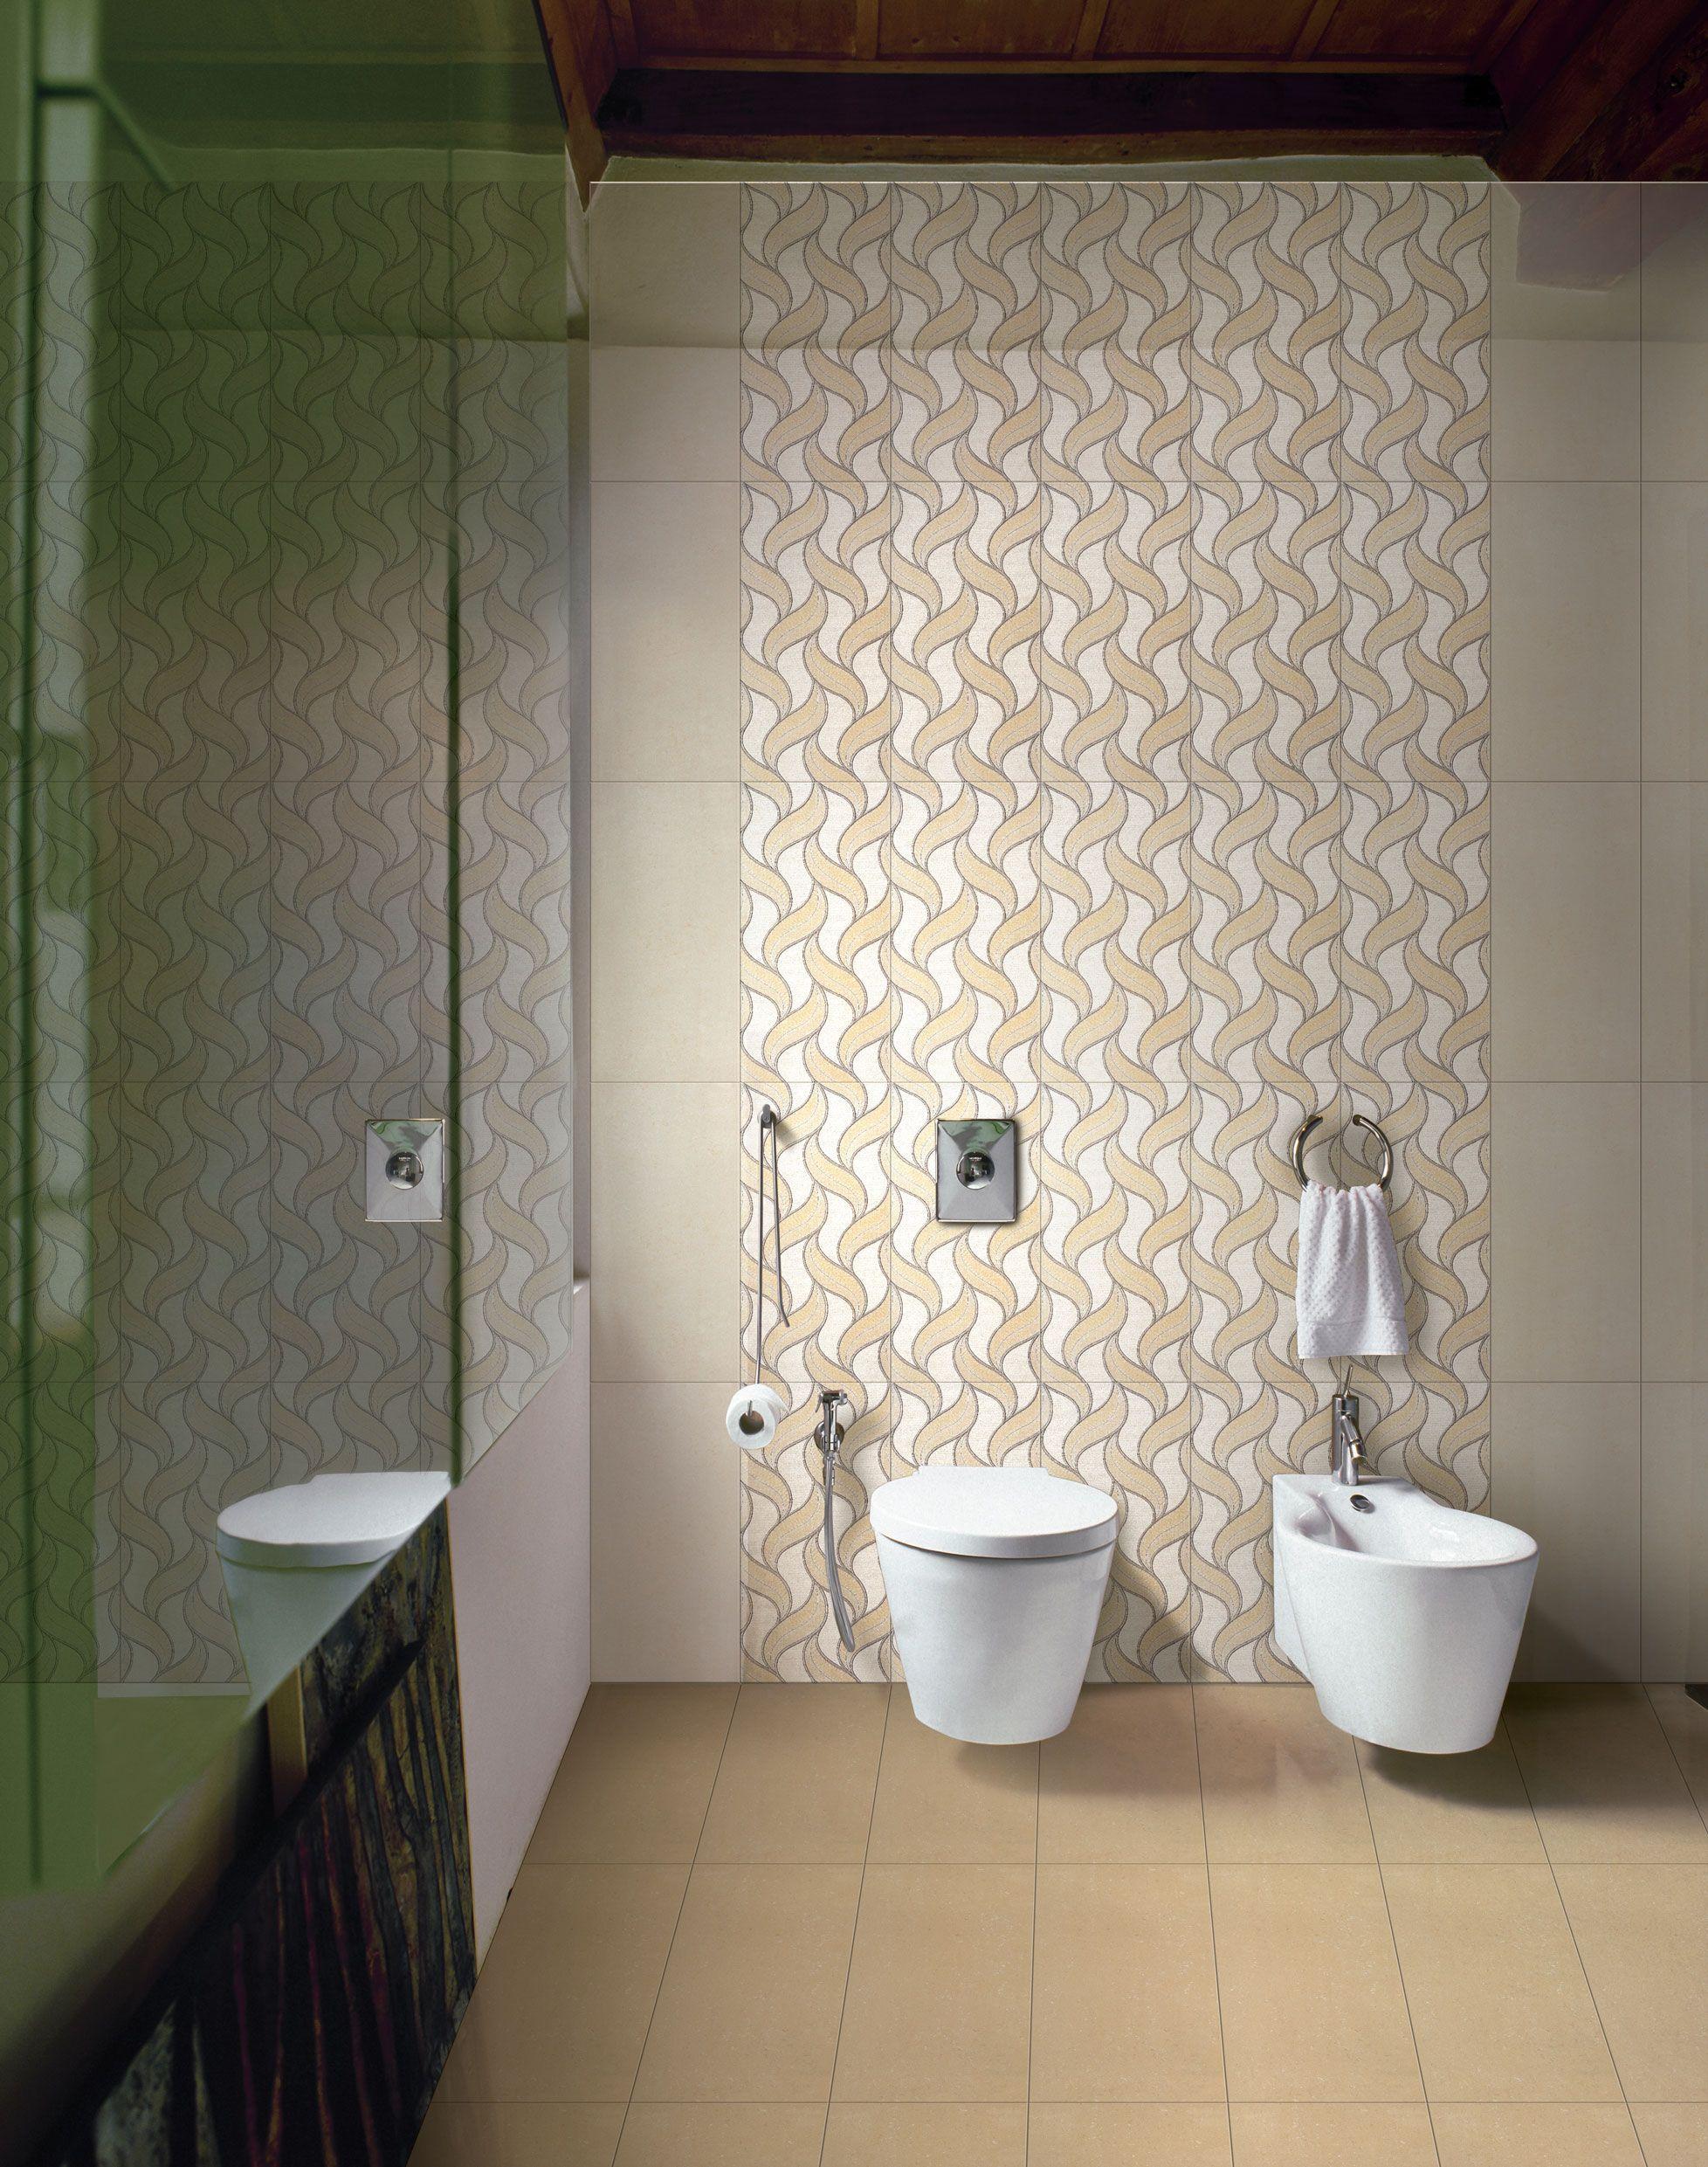 Buy Designer Floor Wall Tiles For Bathroom Bedroom In